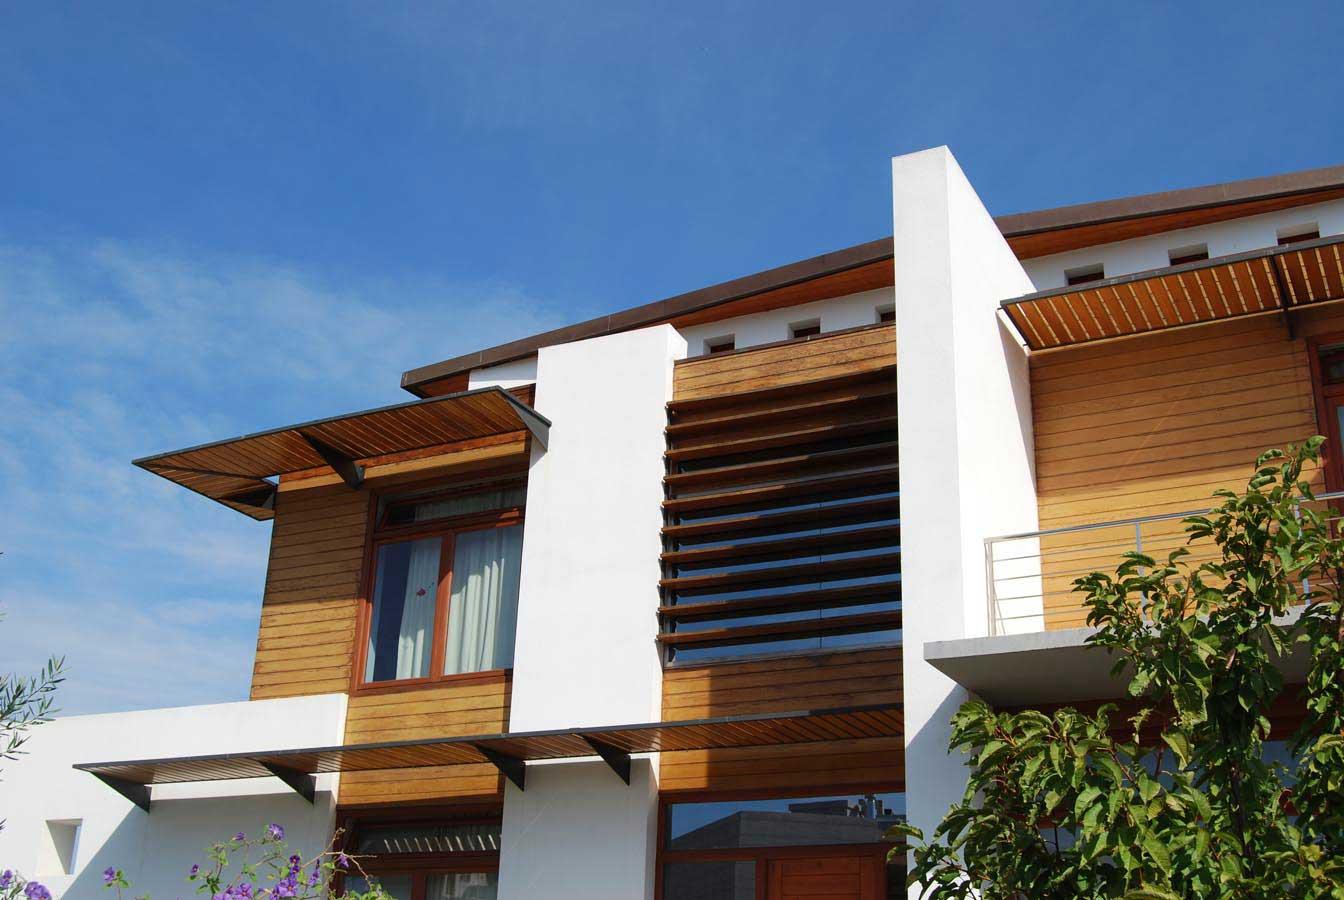 Casa Blasco Frente diseñada Luis De Garrido